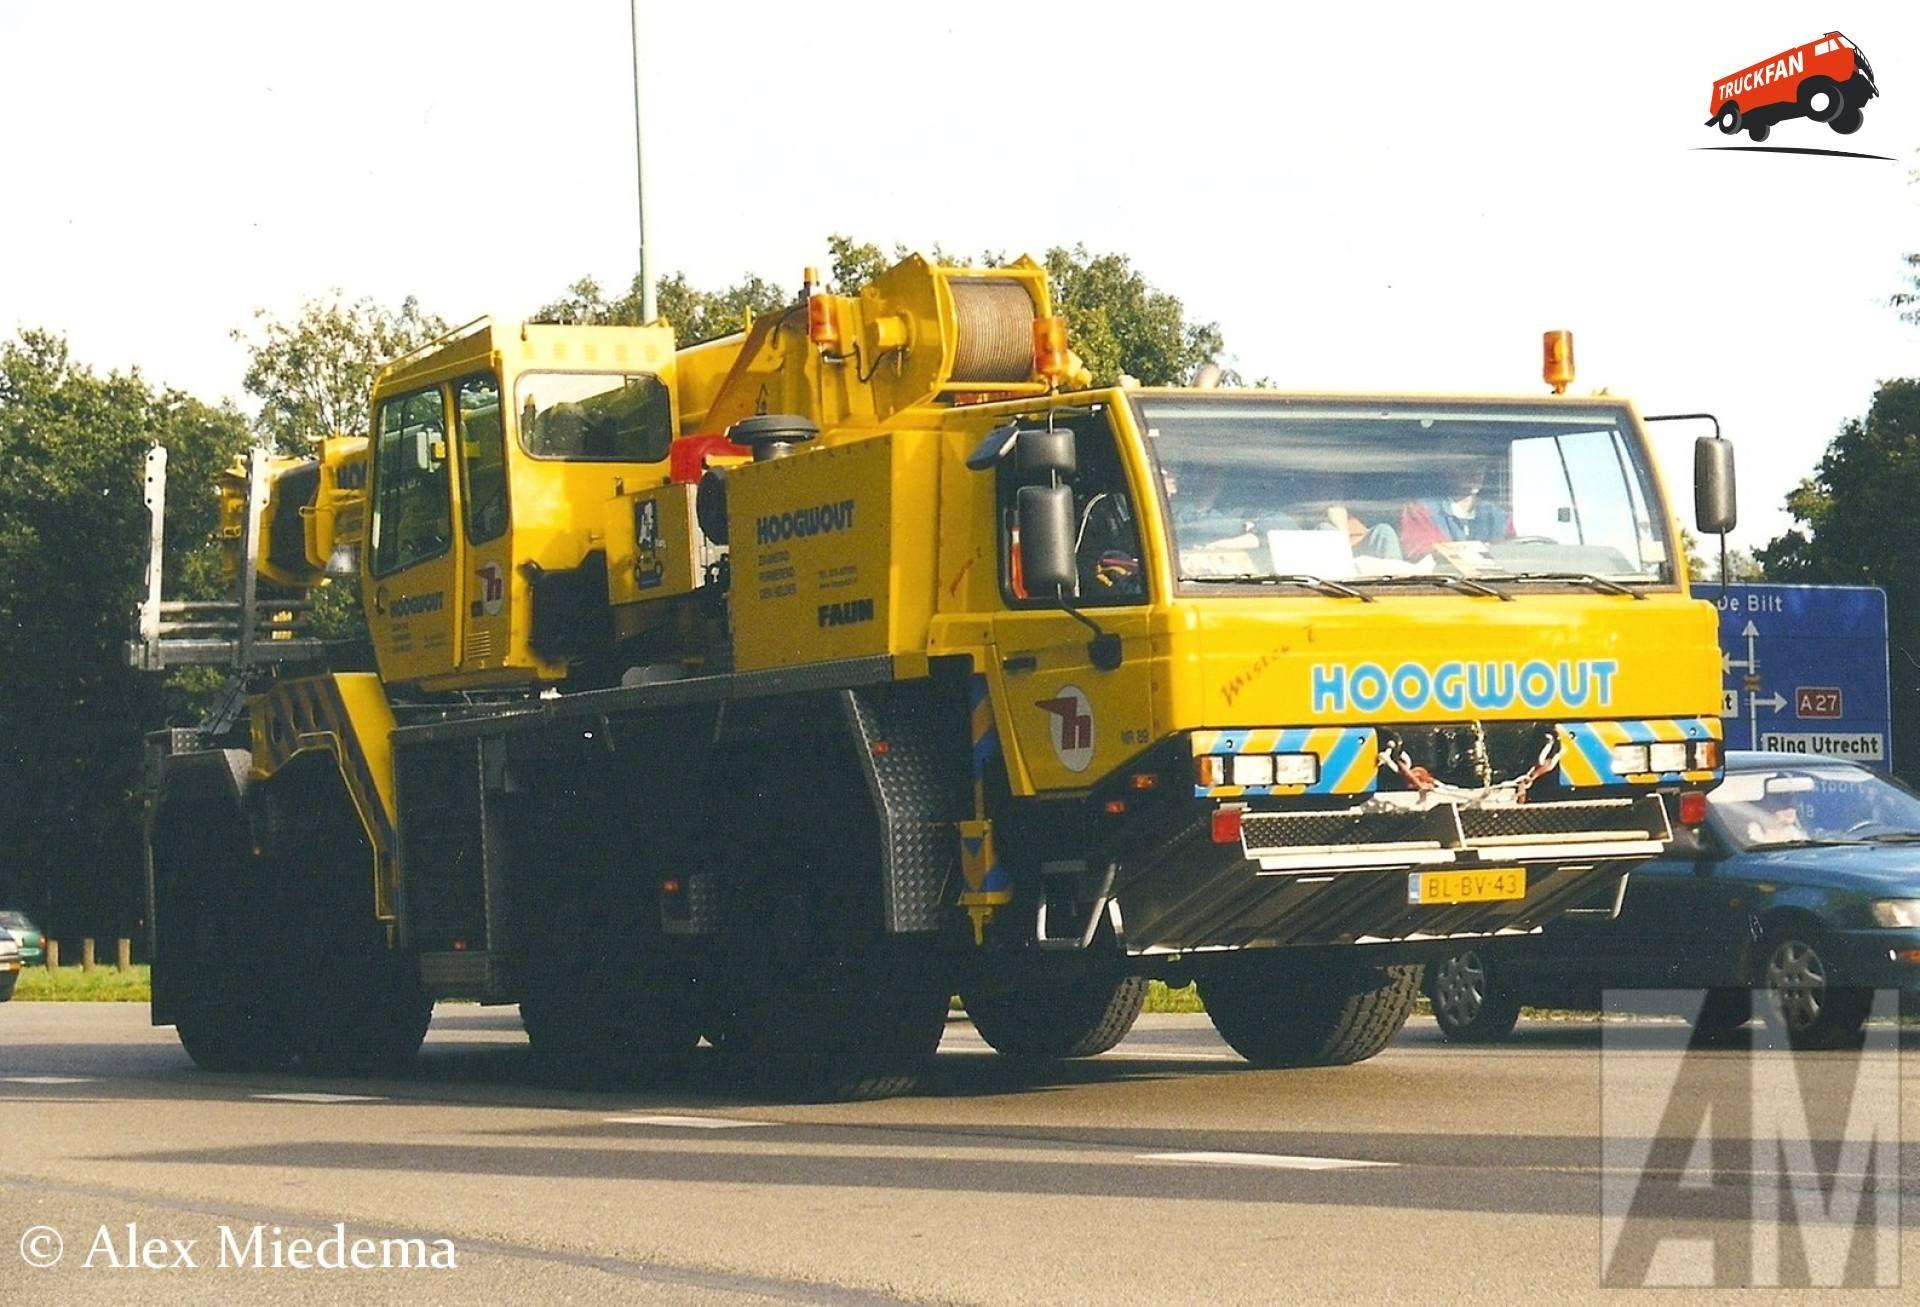 90422 Onbekendoverig Faun Jpg 1920 1307 Cement Truck Tow Truck Oil Platform